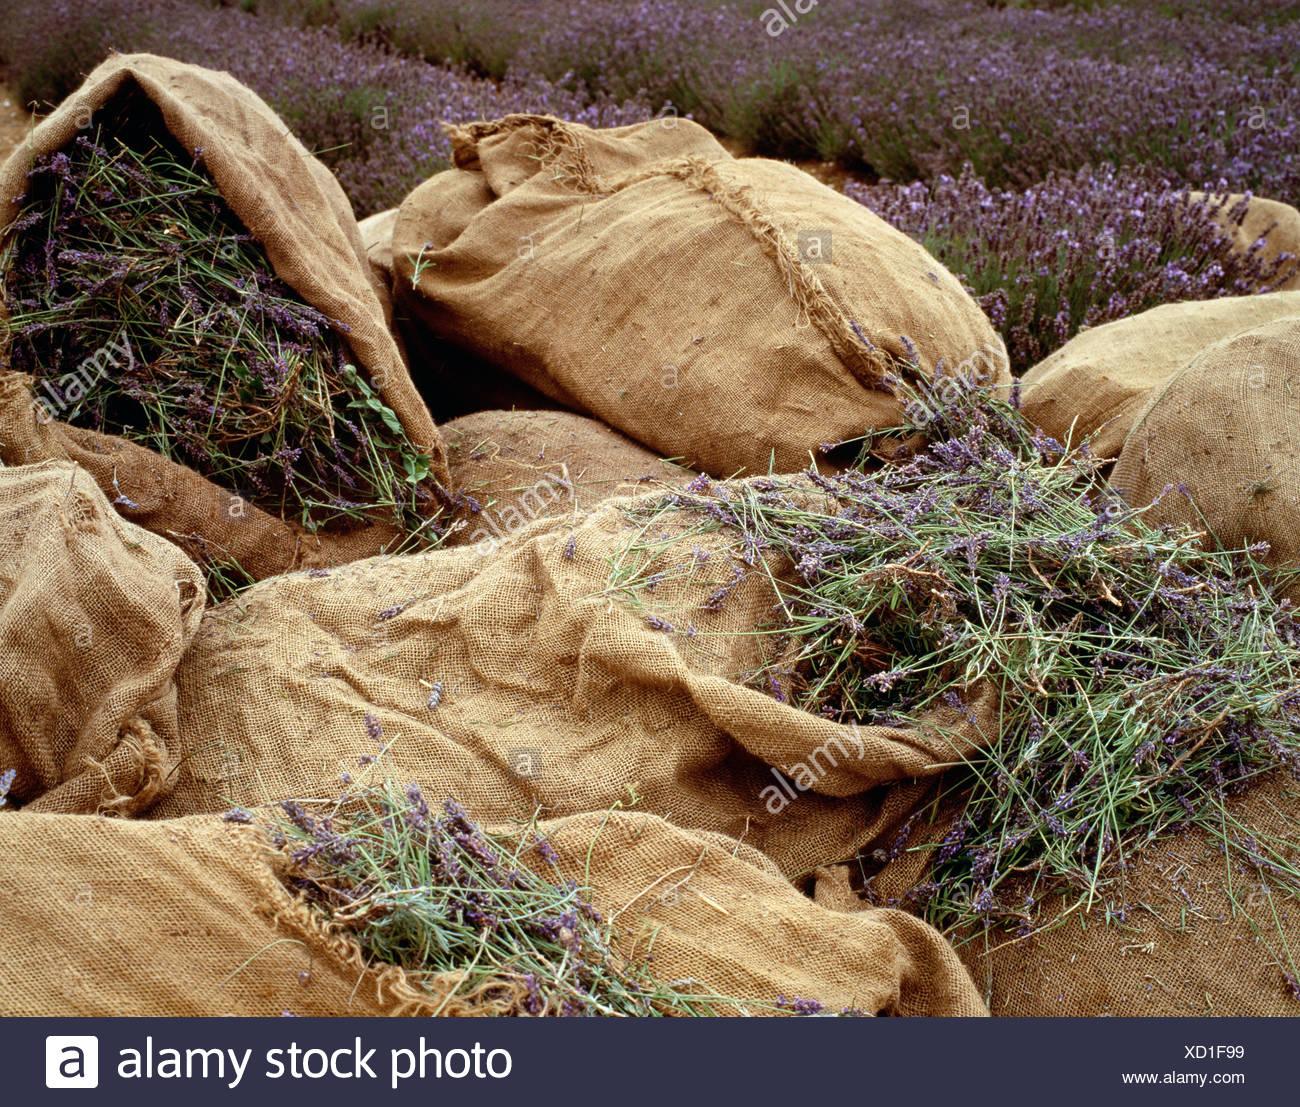 Norfolk LavenderLavender in canvas sacks in field - Stock Image